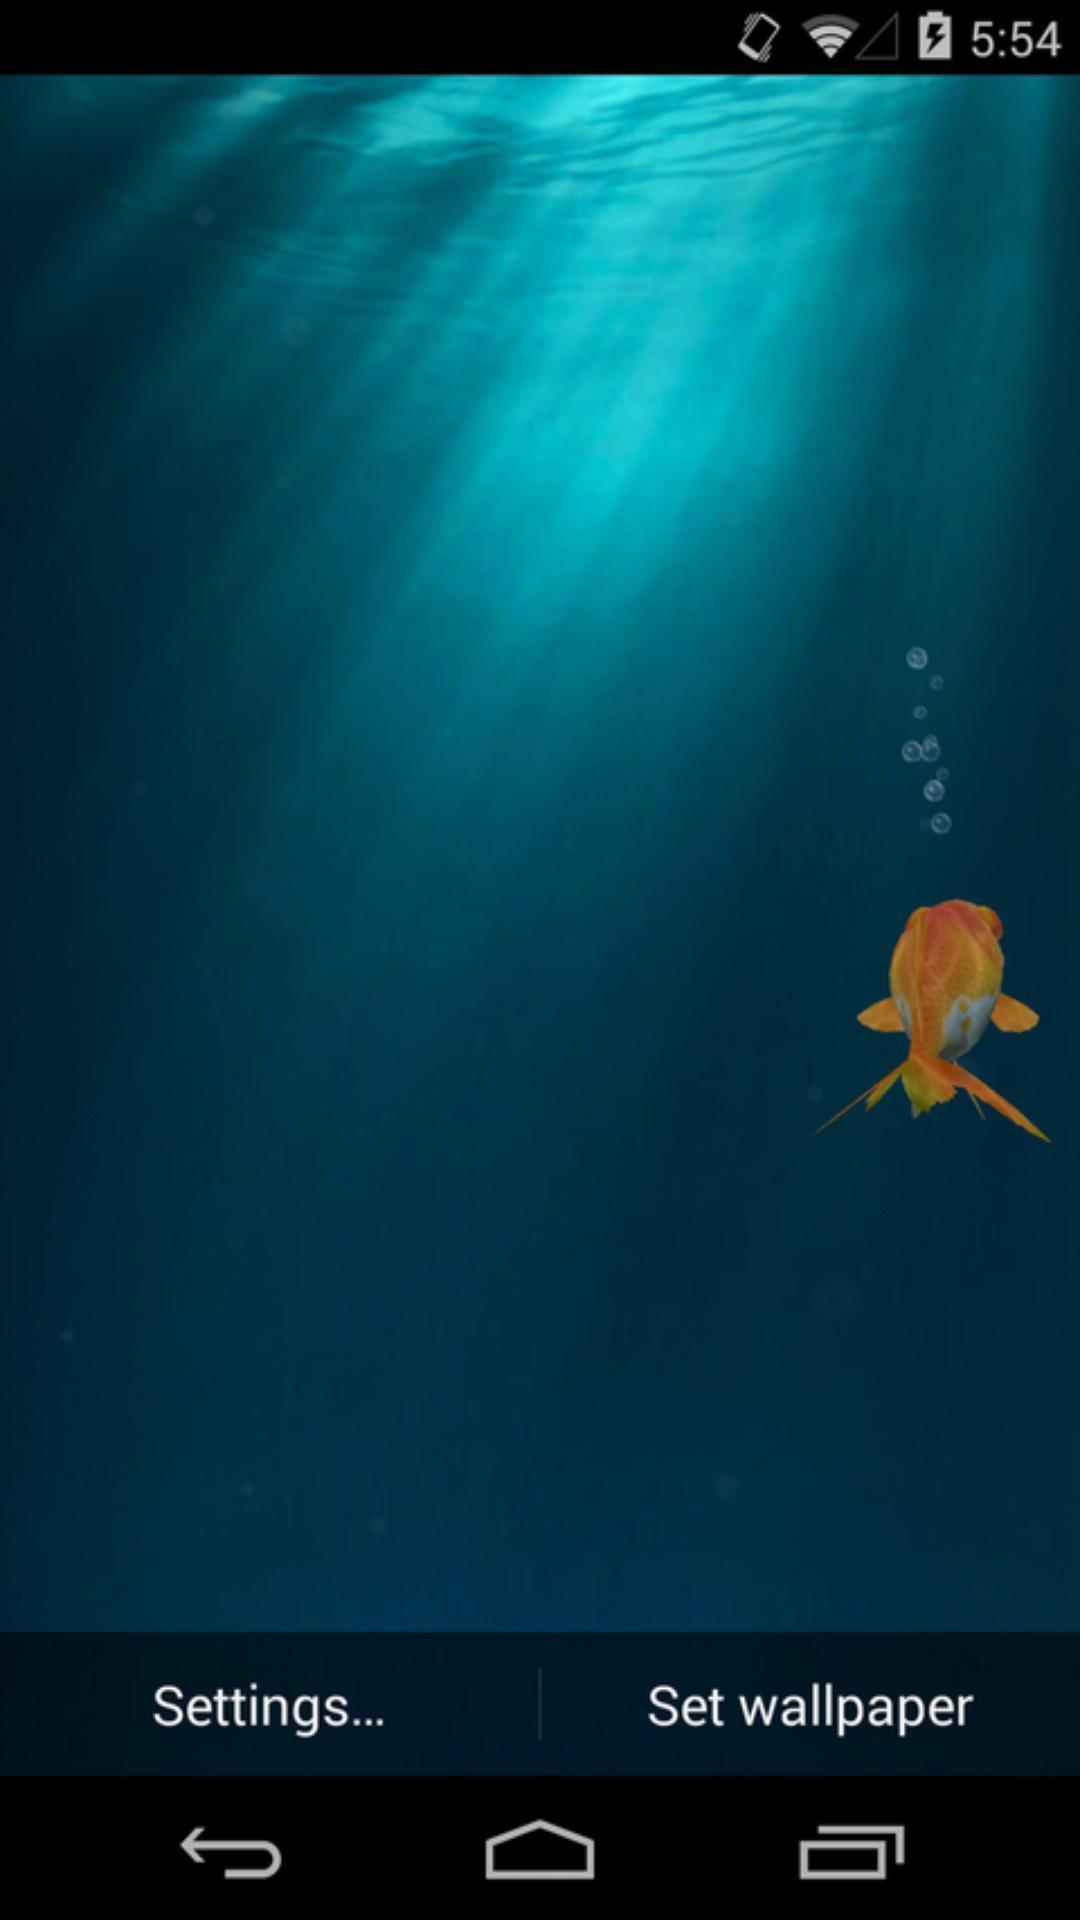 3D金鱼 梦象动态壁纸下载 3D金鱼 梦象动态壁纸安装 3D金鱼 梦象动态